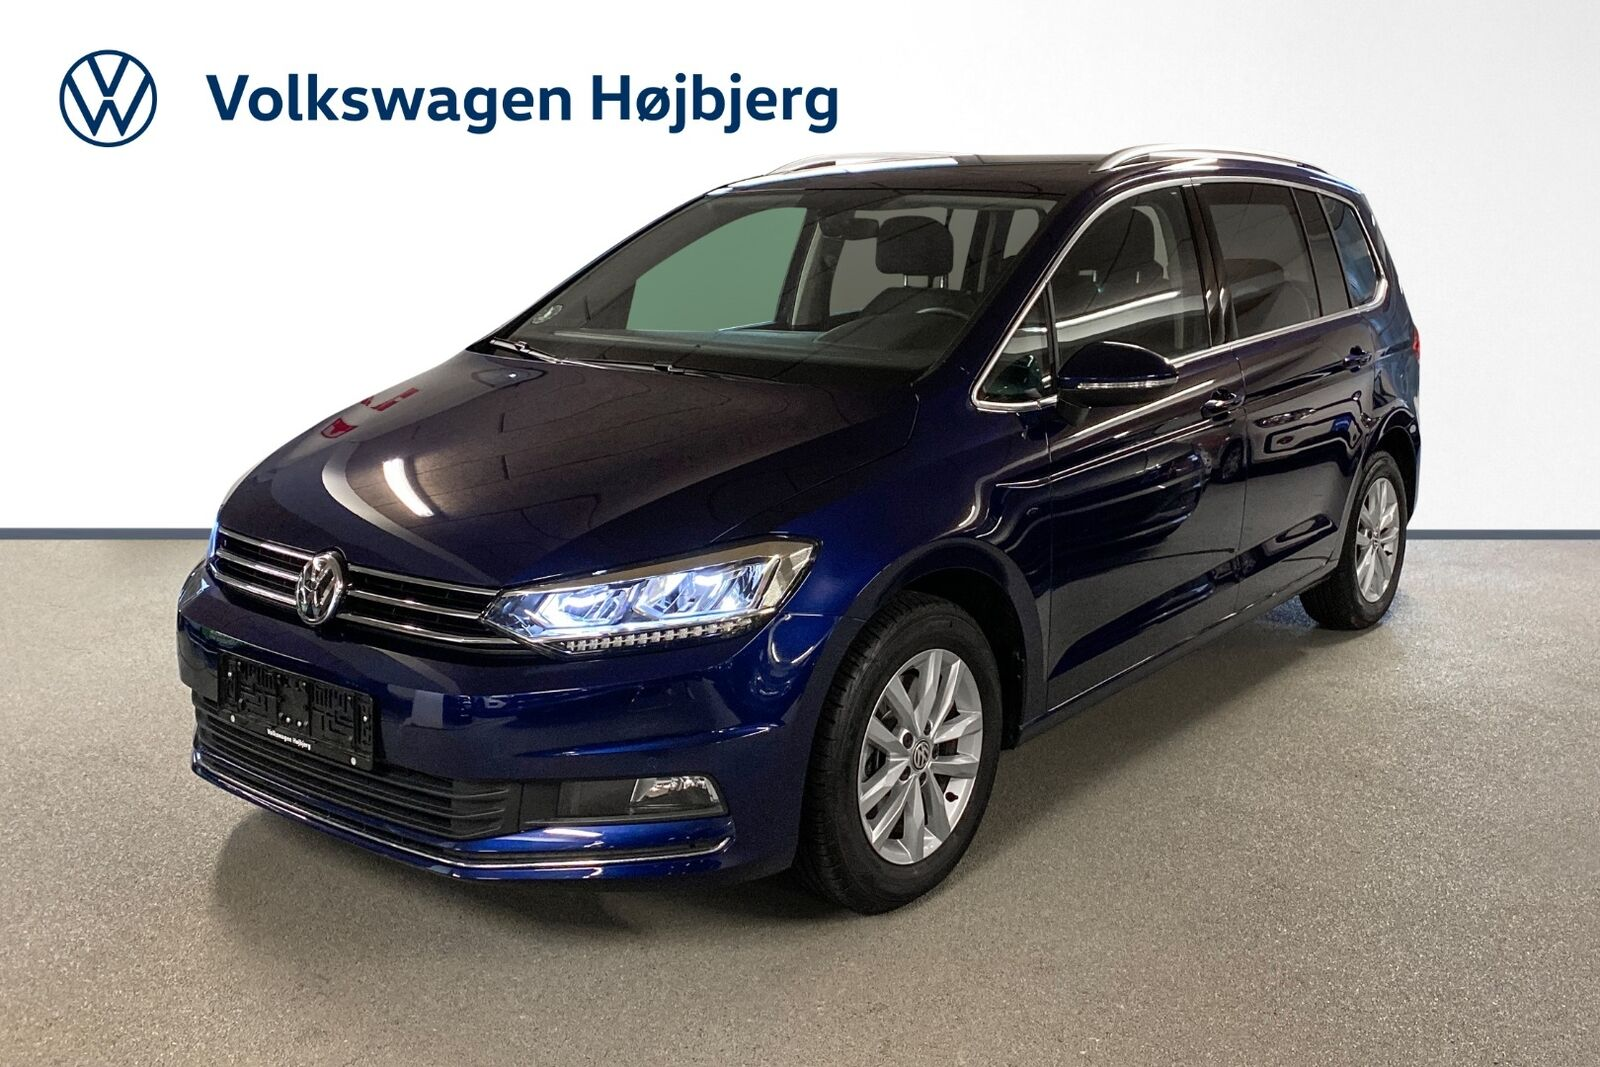 VW Touran 1,5 TSi 150 Highline DSG 7prs 5d - 414.900 kr.